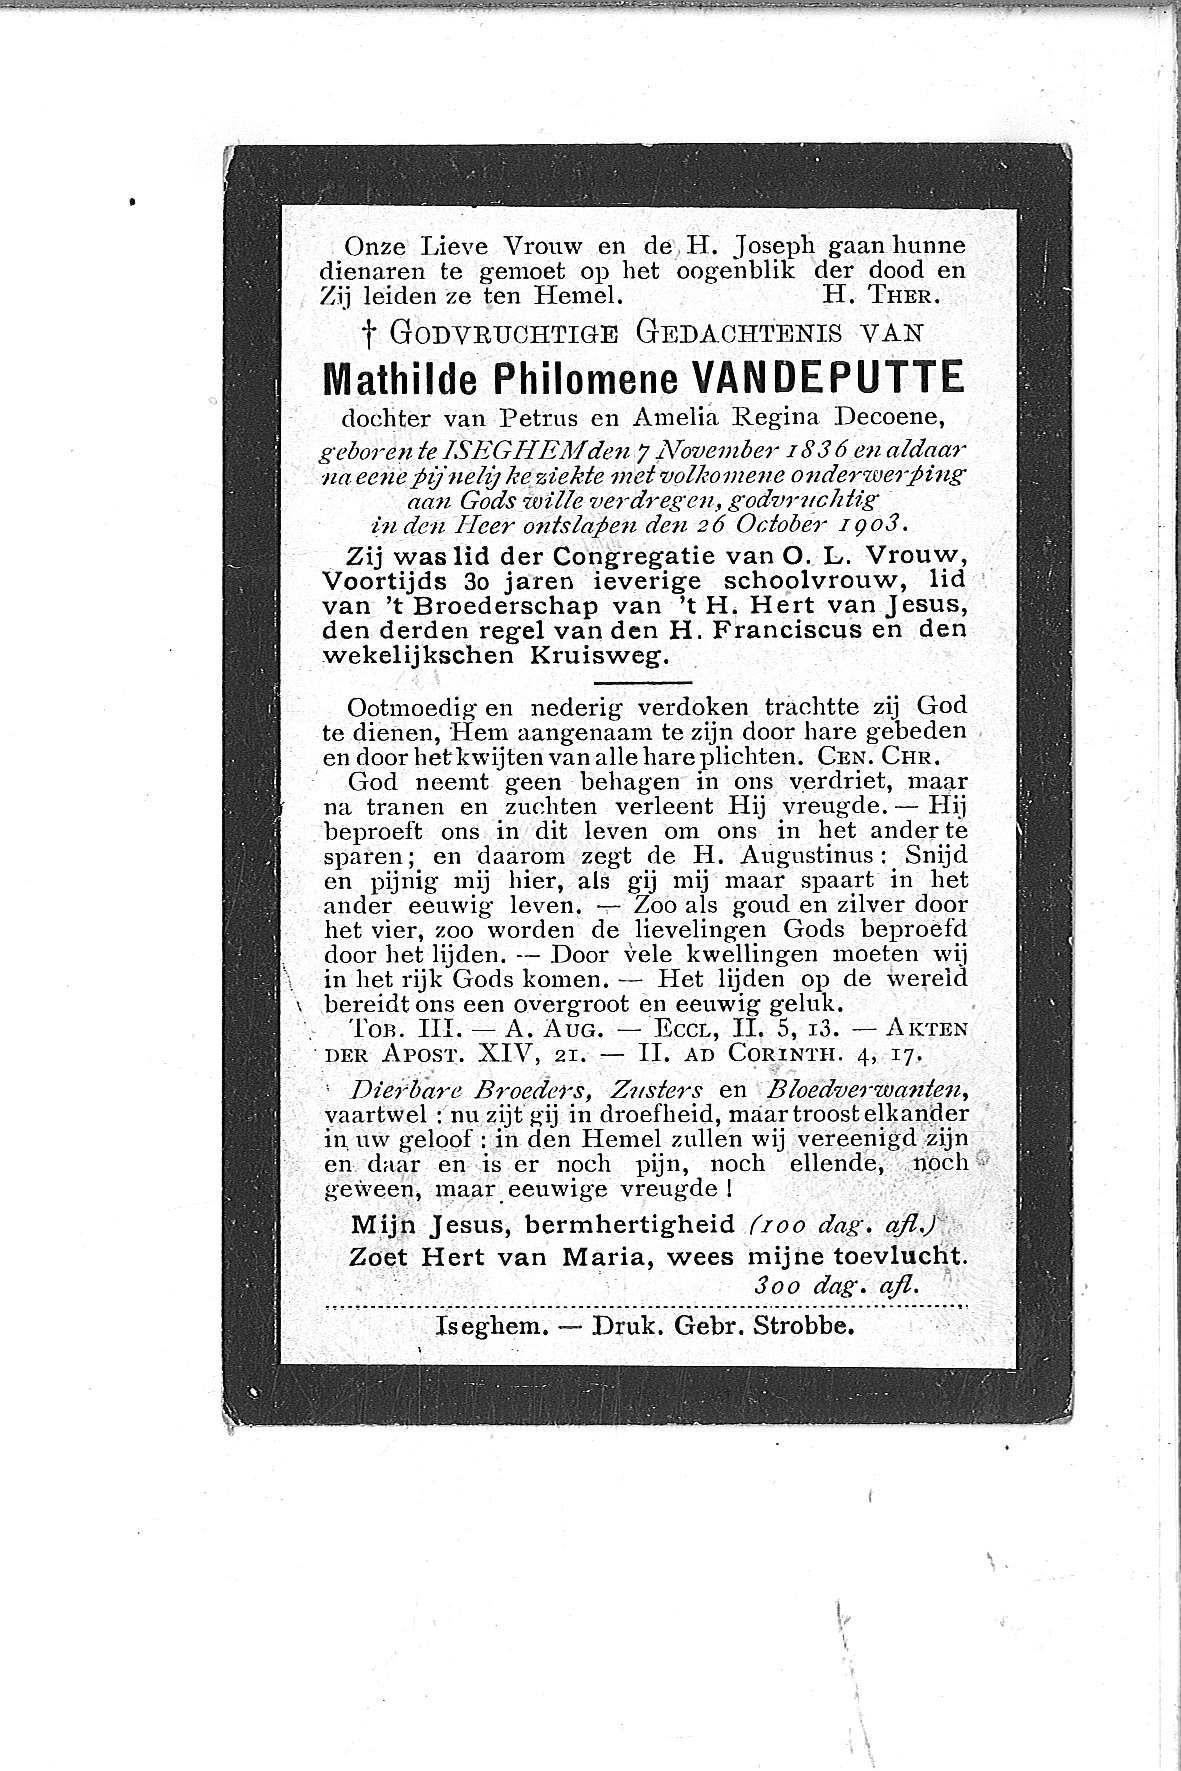 Mathilde-Philomene(1903)20131223132124_00030.jpg